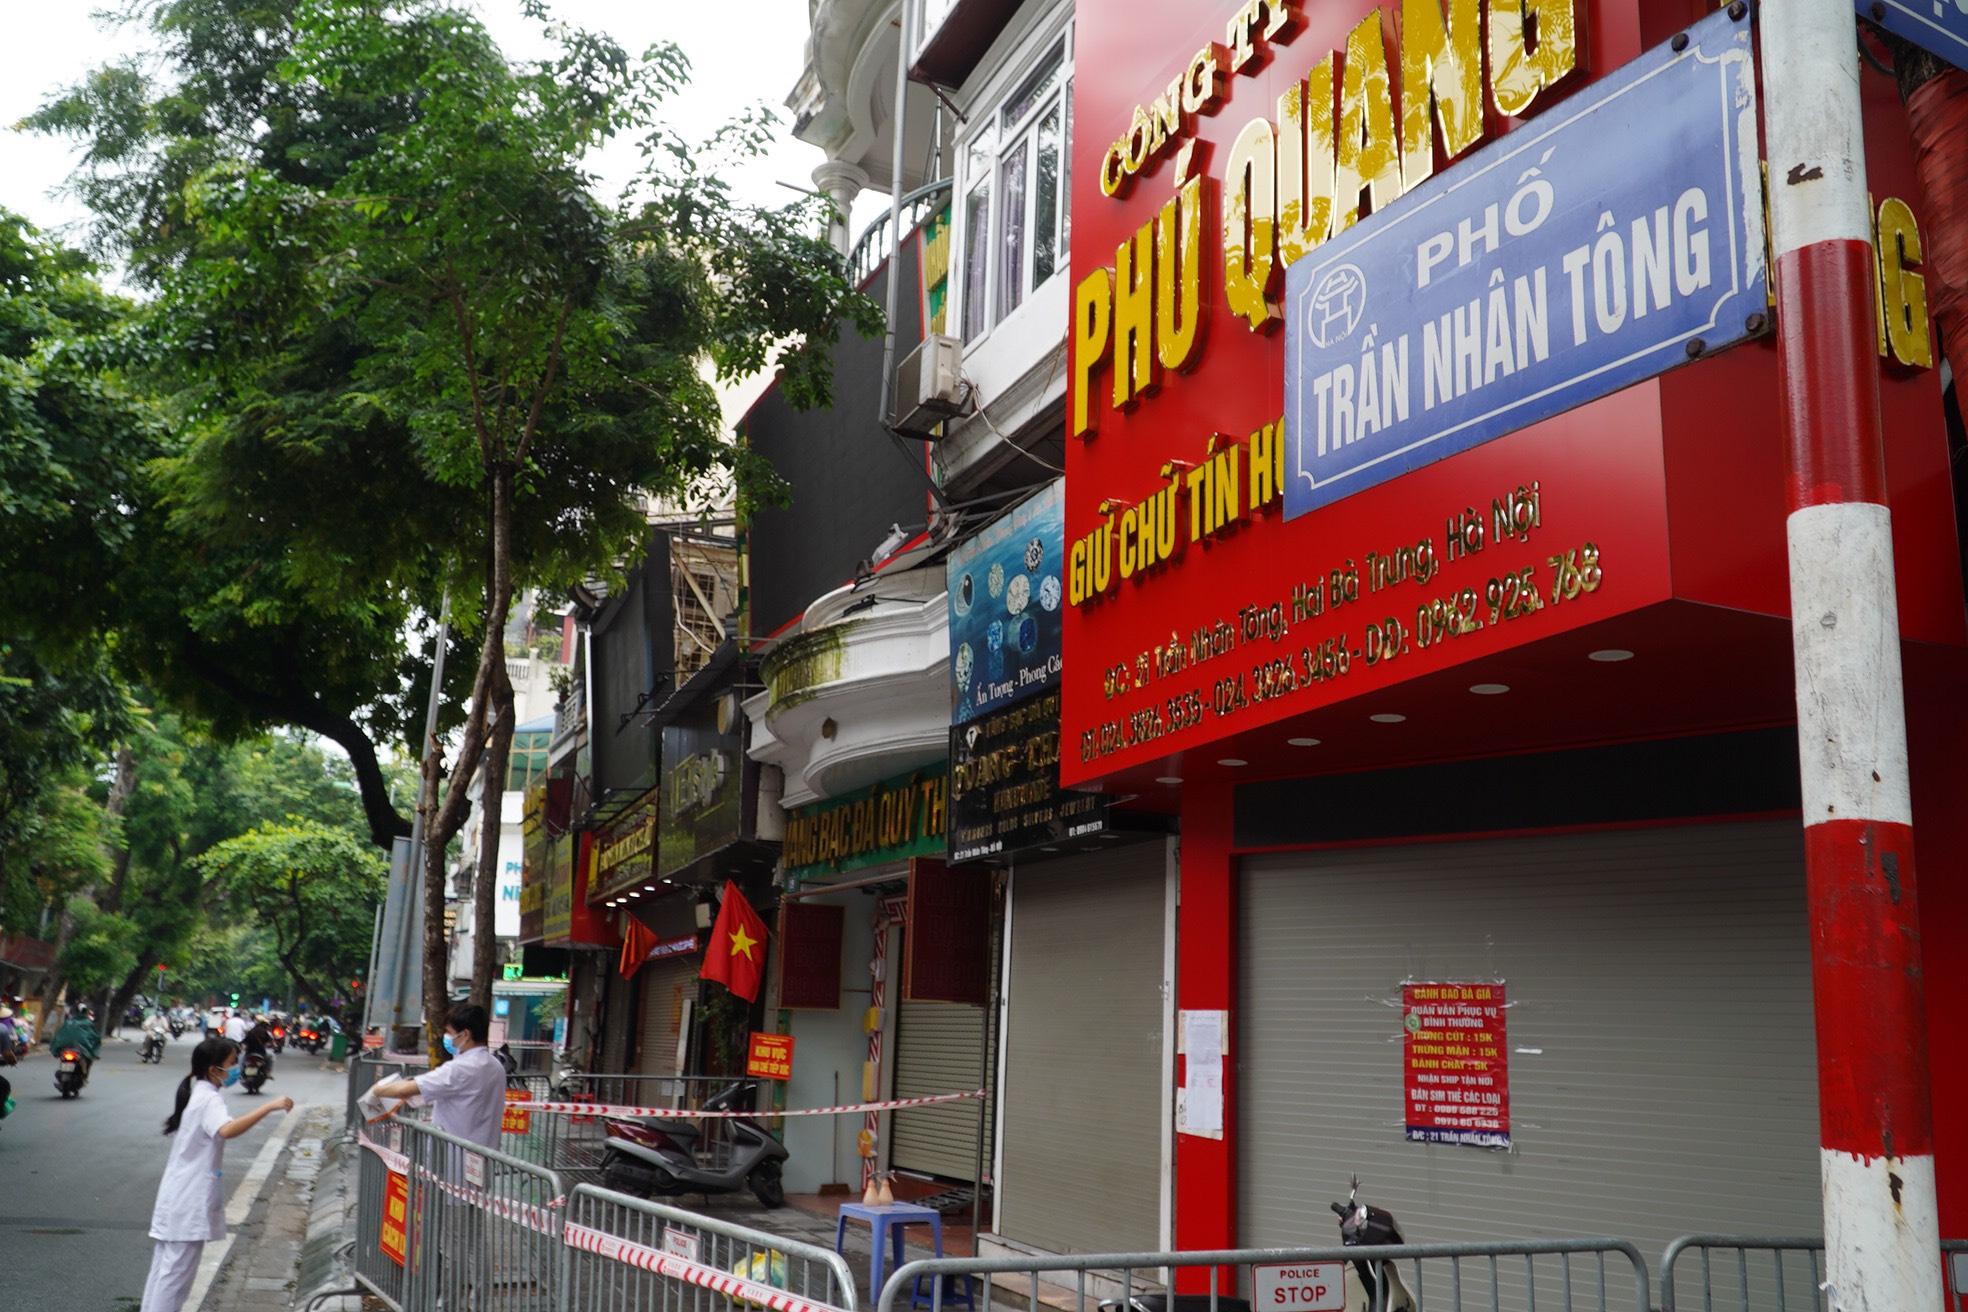 Nagười đàn ông tử vong trong tư thế treo cổ ở tiệm vàng phố Trần Nhân Tông dương  tính SARS-CoV-2